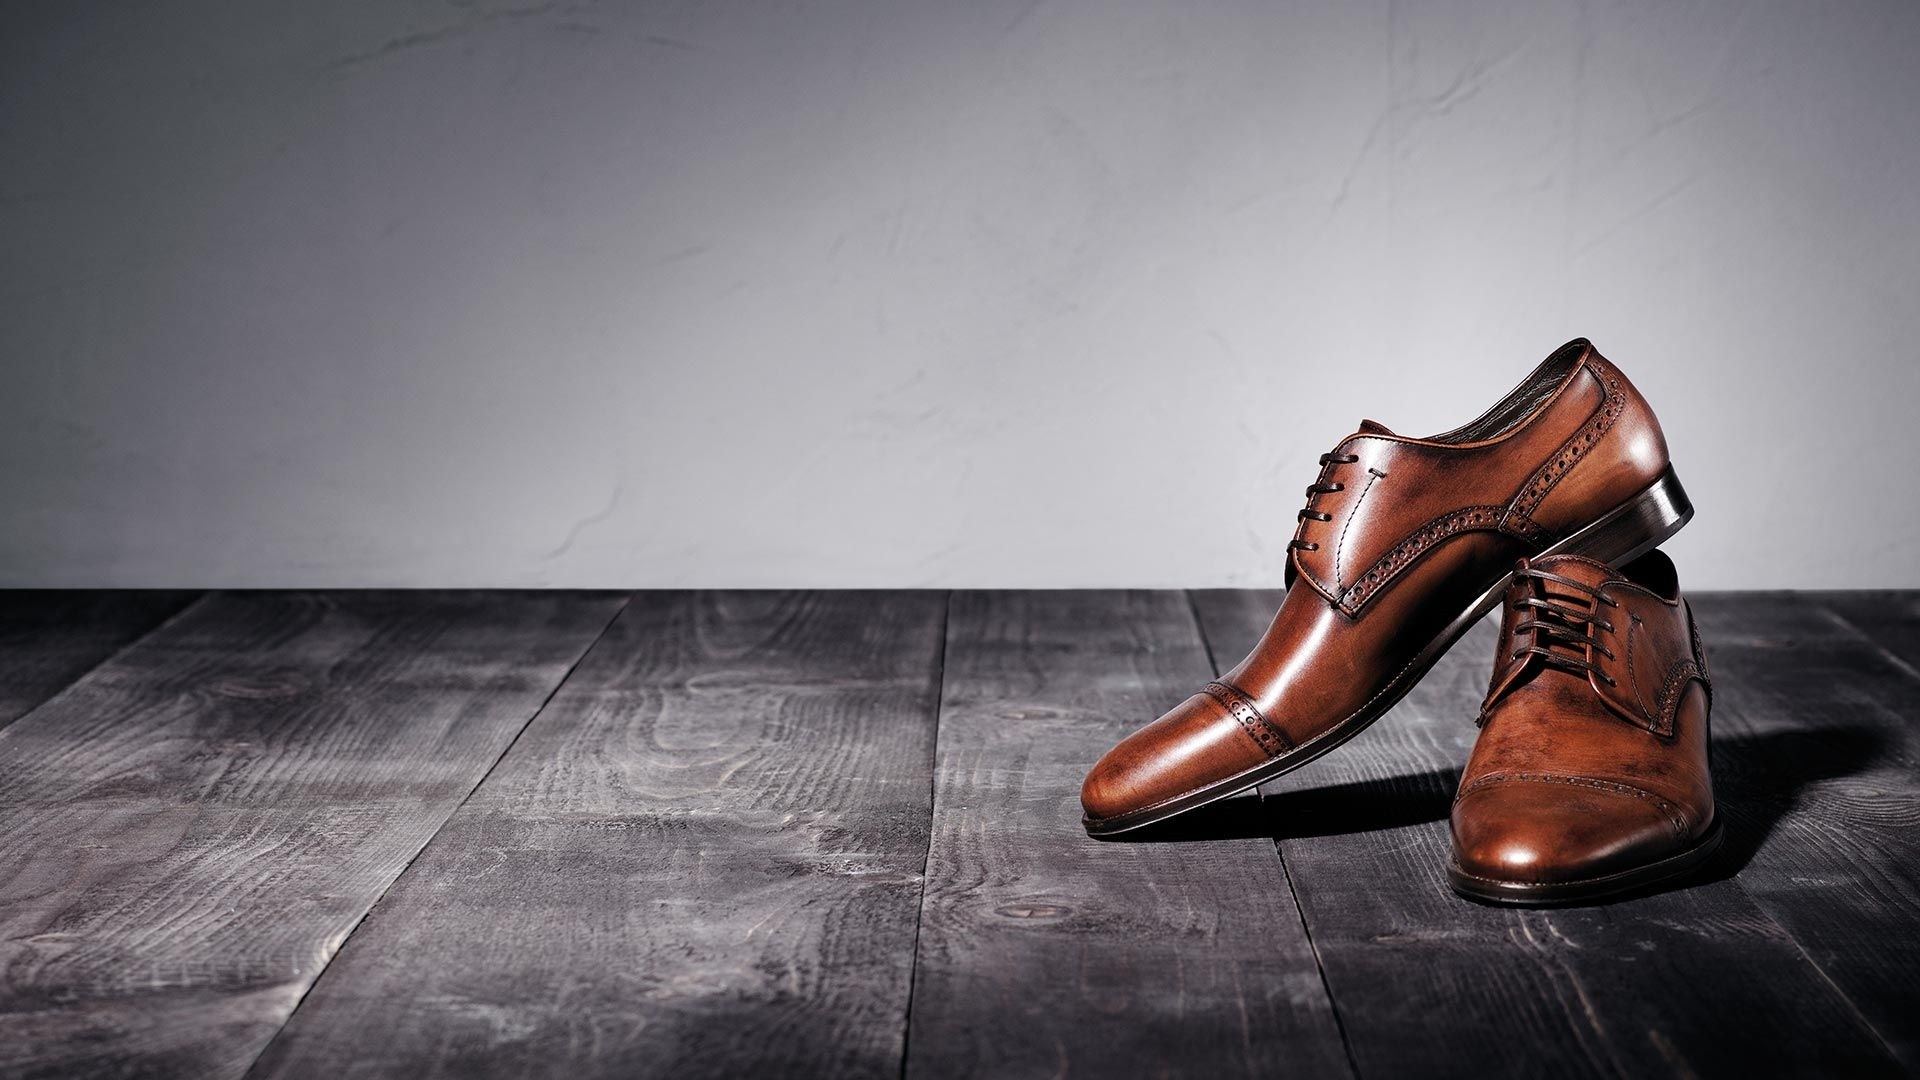 Shoes PC Wallpaper HD